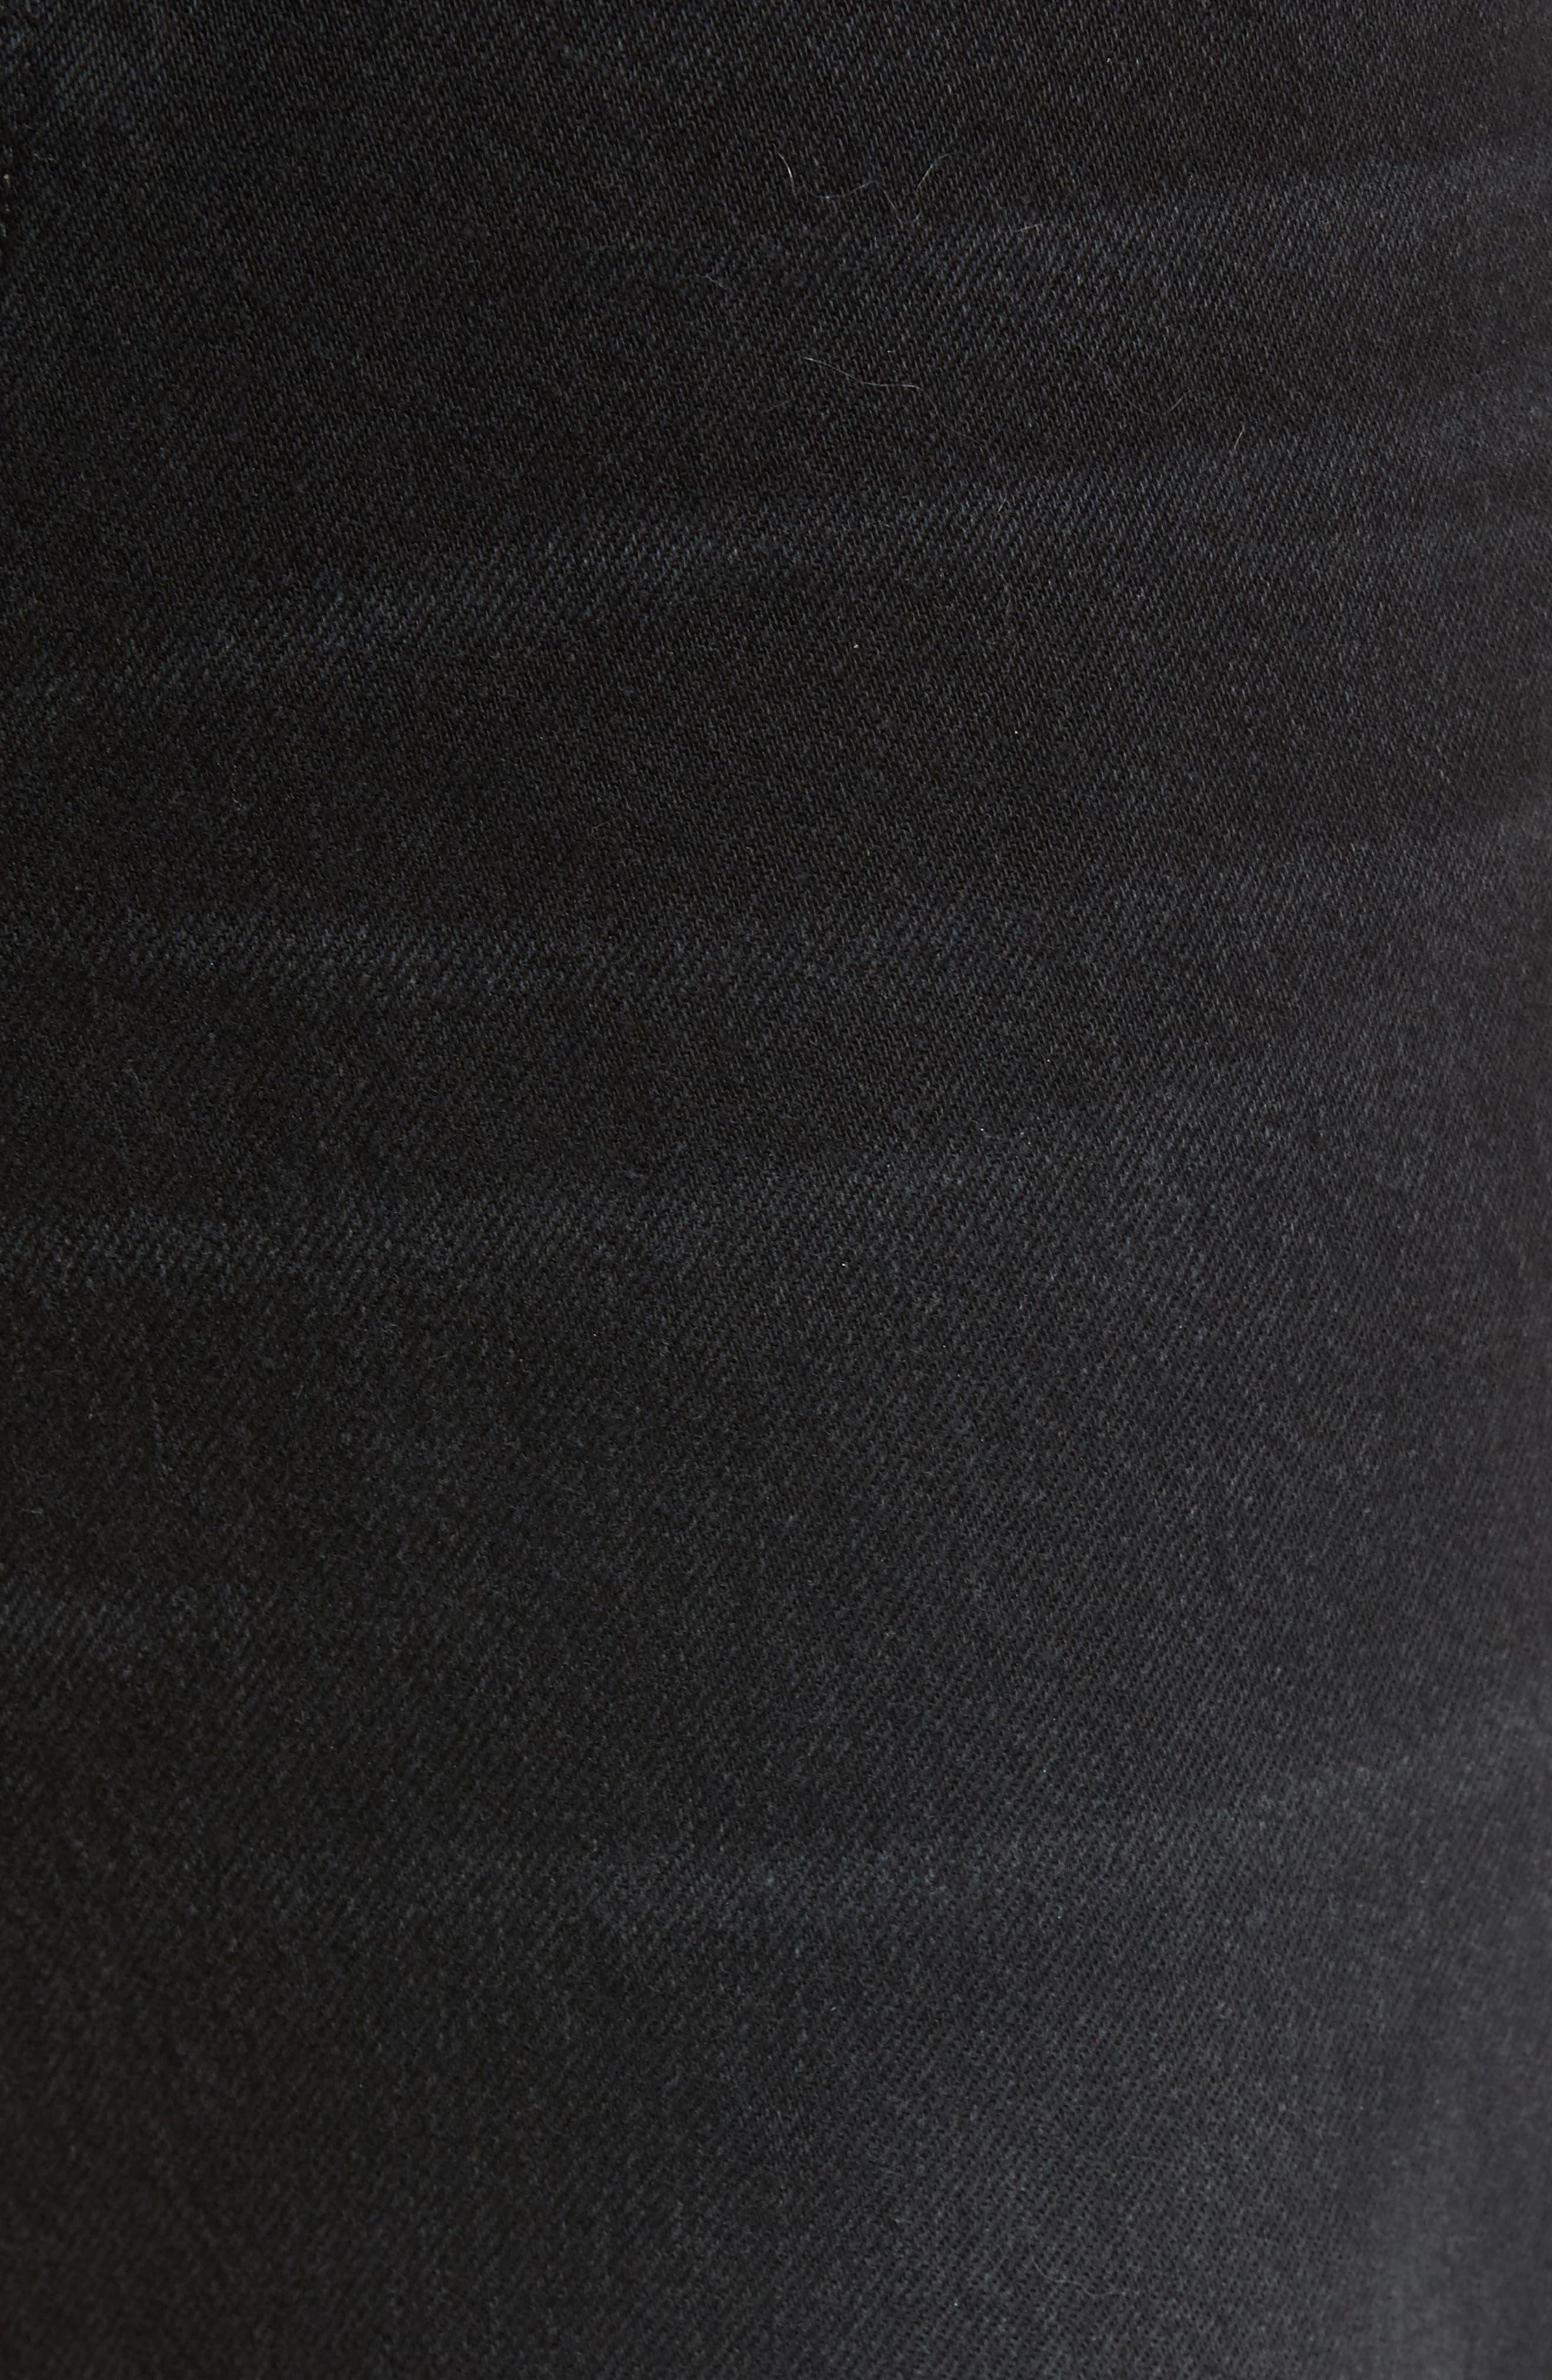 Dixon Straight Fit Jeans,                             Alternate thumbnail 5, color,                             001